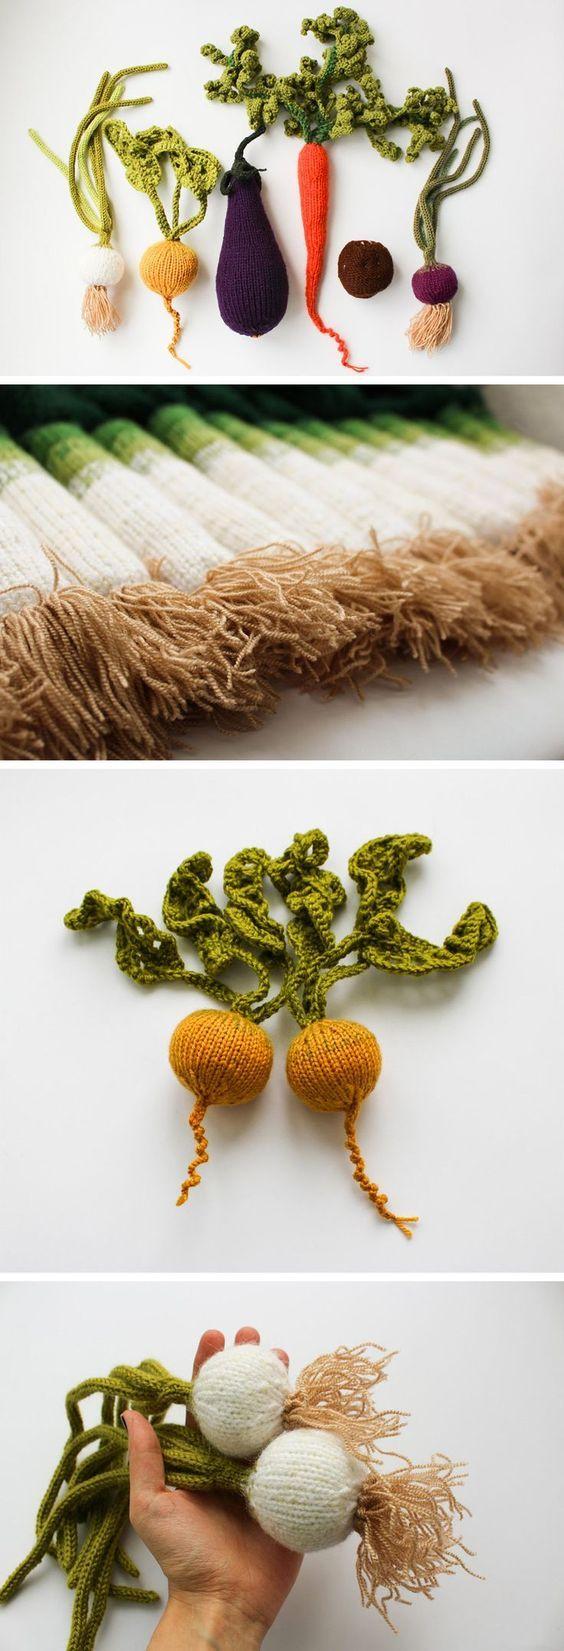 Little sweet tooth Am Yum crochet